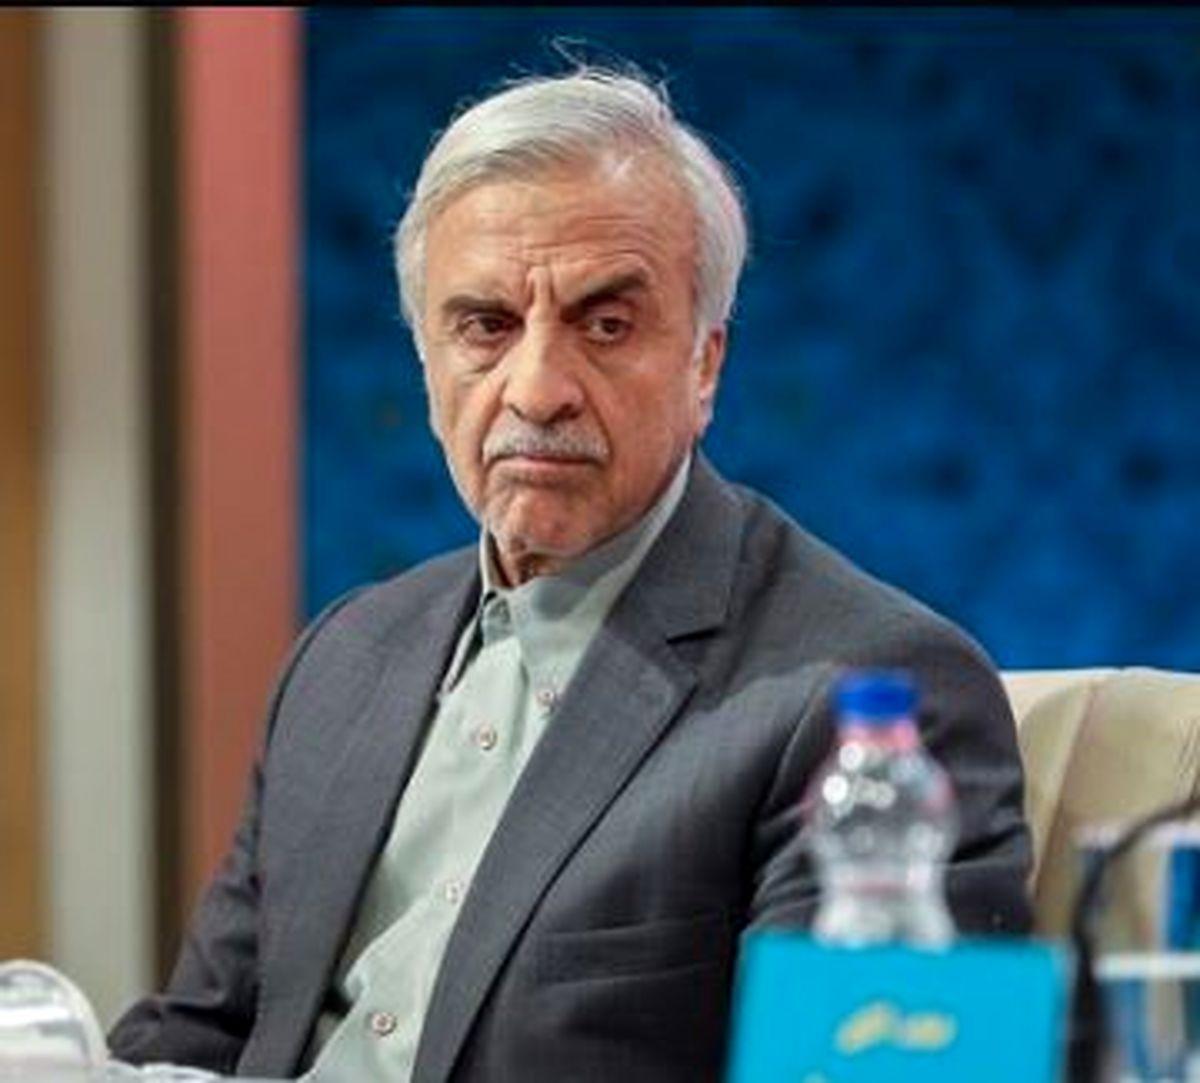 هاشمی طبا: بعید است اصلاحات از مهرعلیزاده حمایت کند